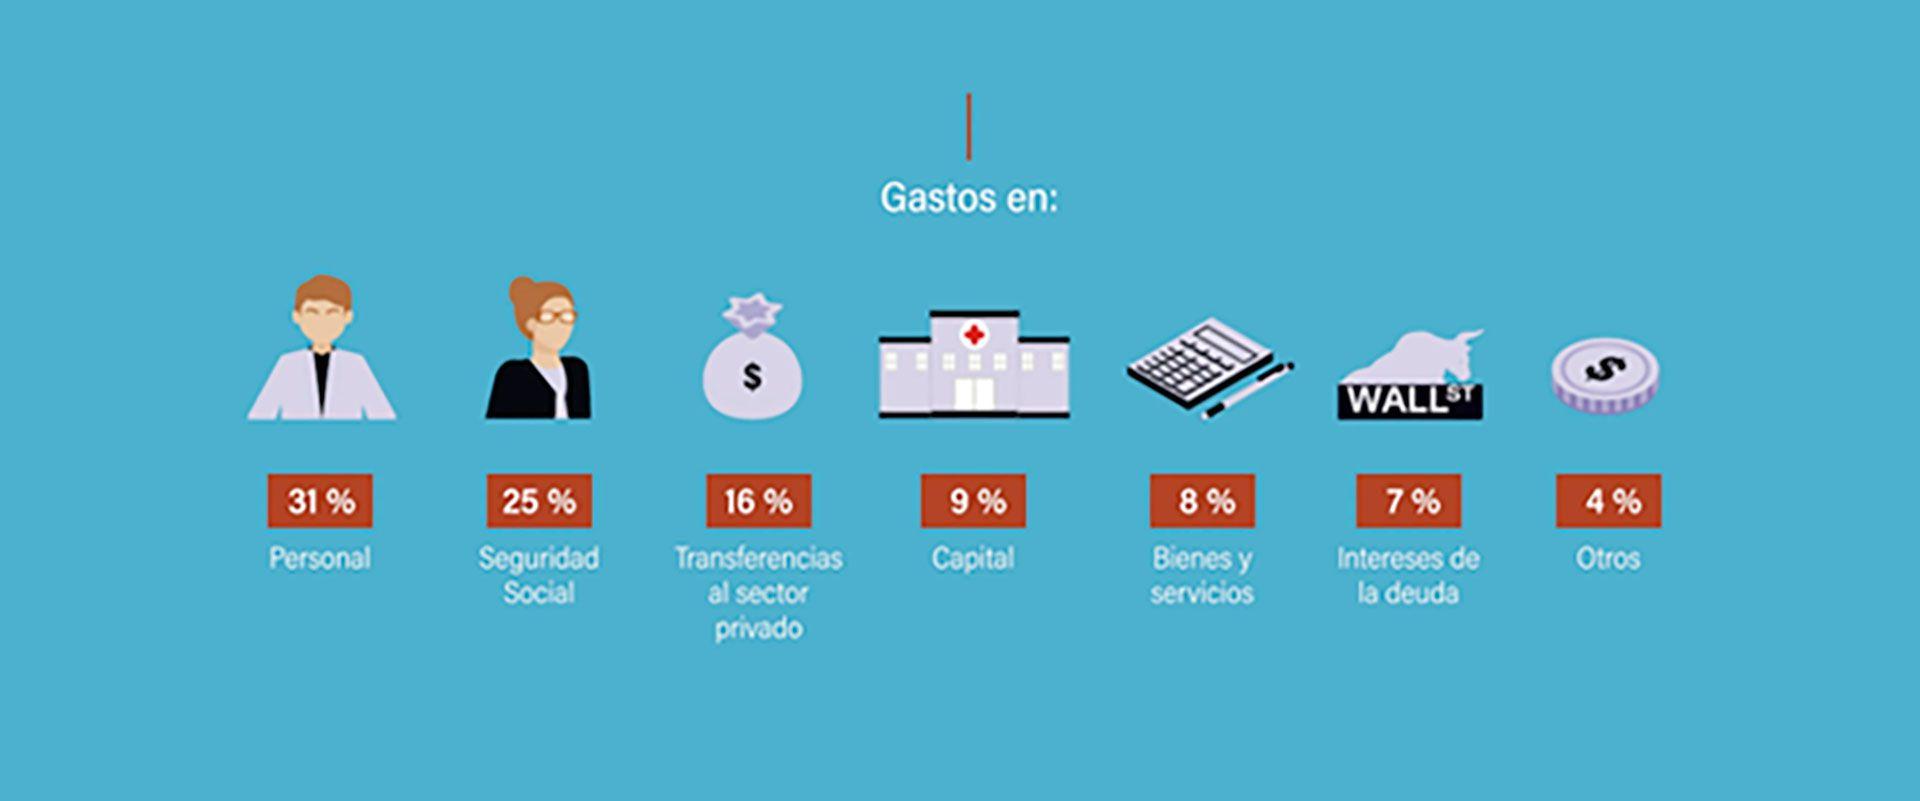 Iaraf-Impuestos-Gasto-Publico-Genio-Economico